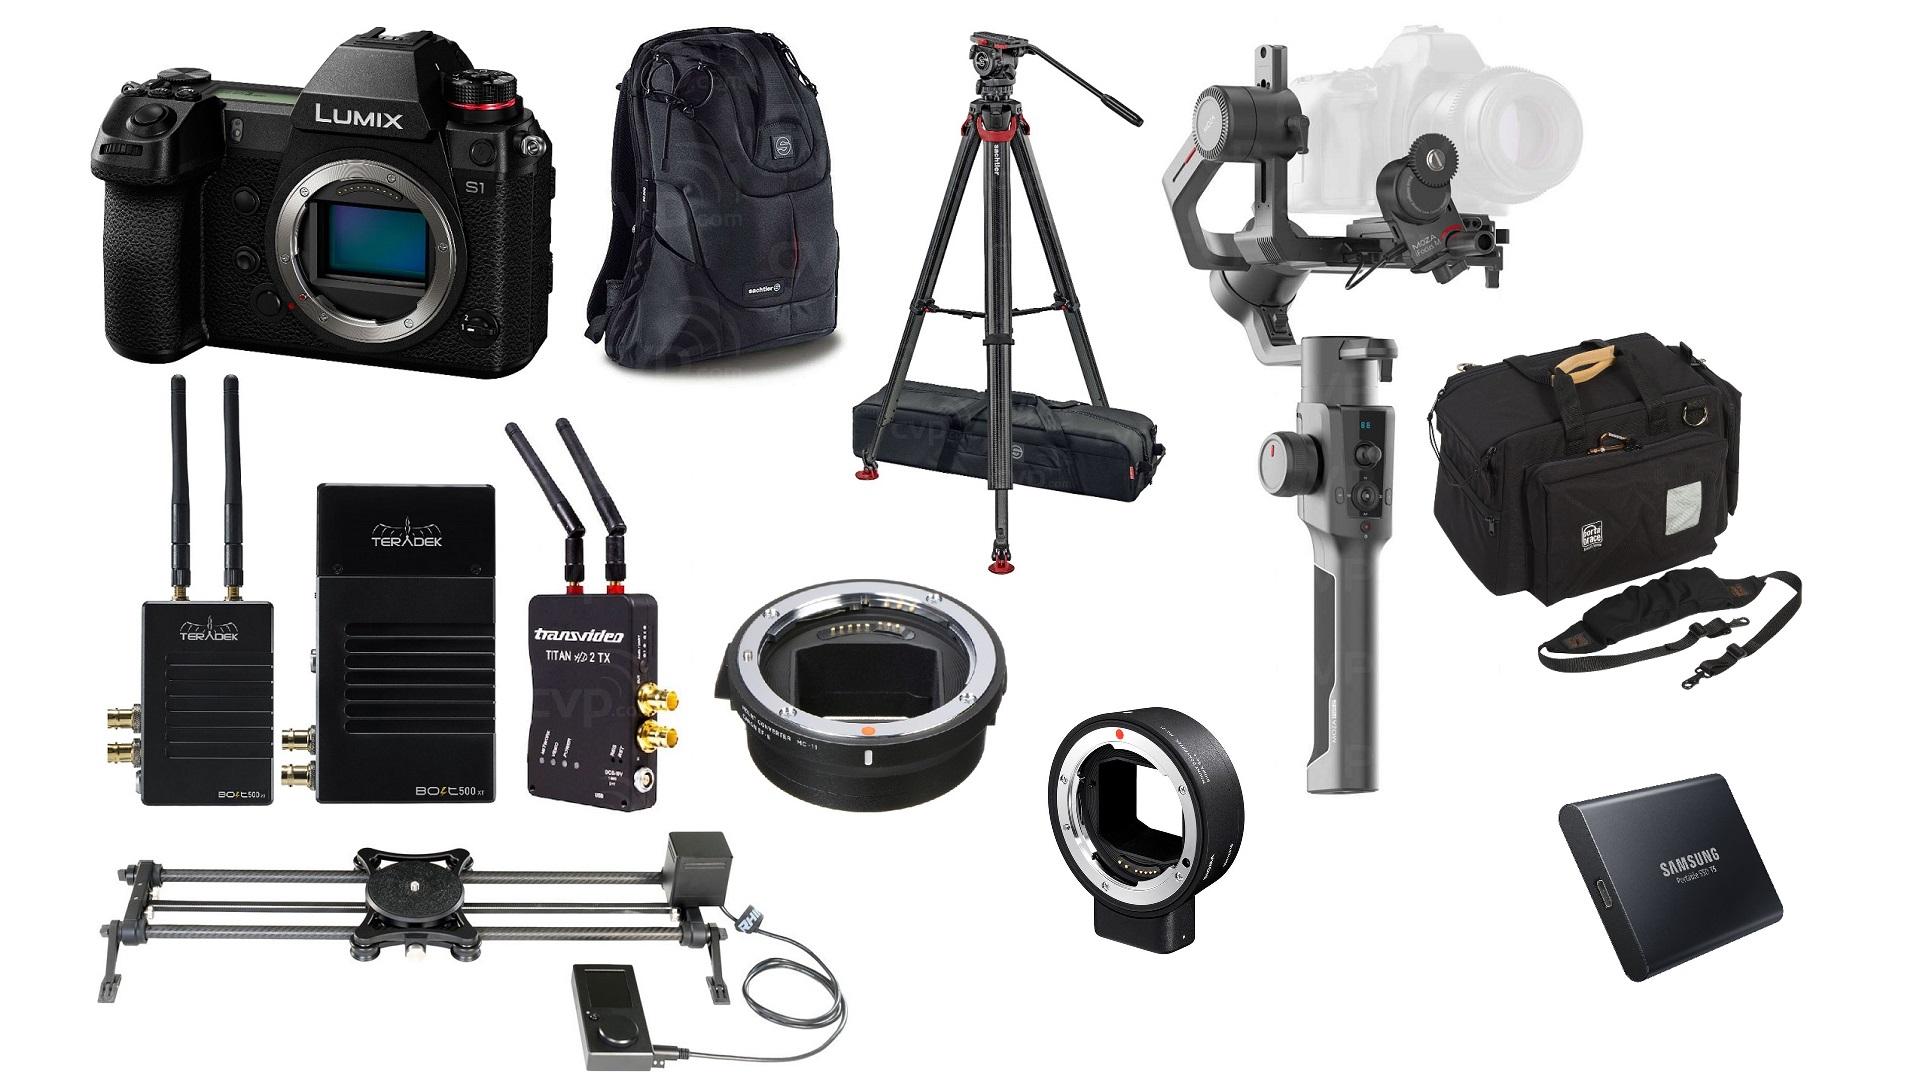 Las mejores ofertas para cineastas de esta semana – Panasonic S1, Rhino Slider, Teradek, Sachtler y más